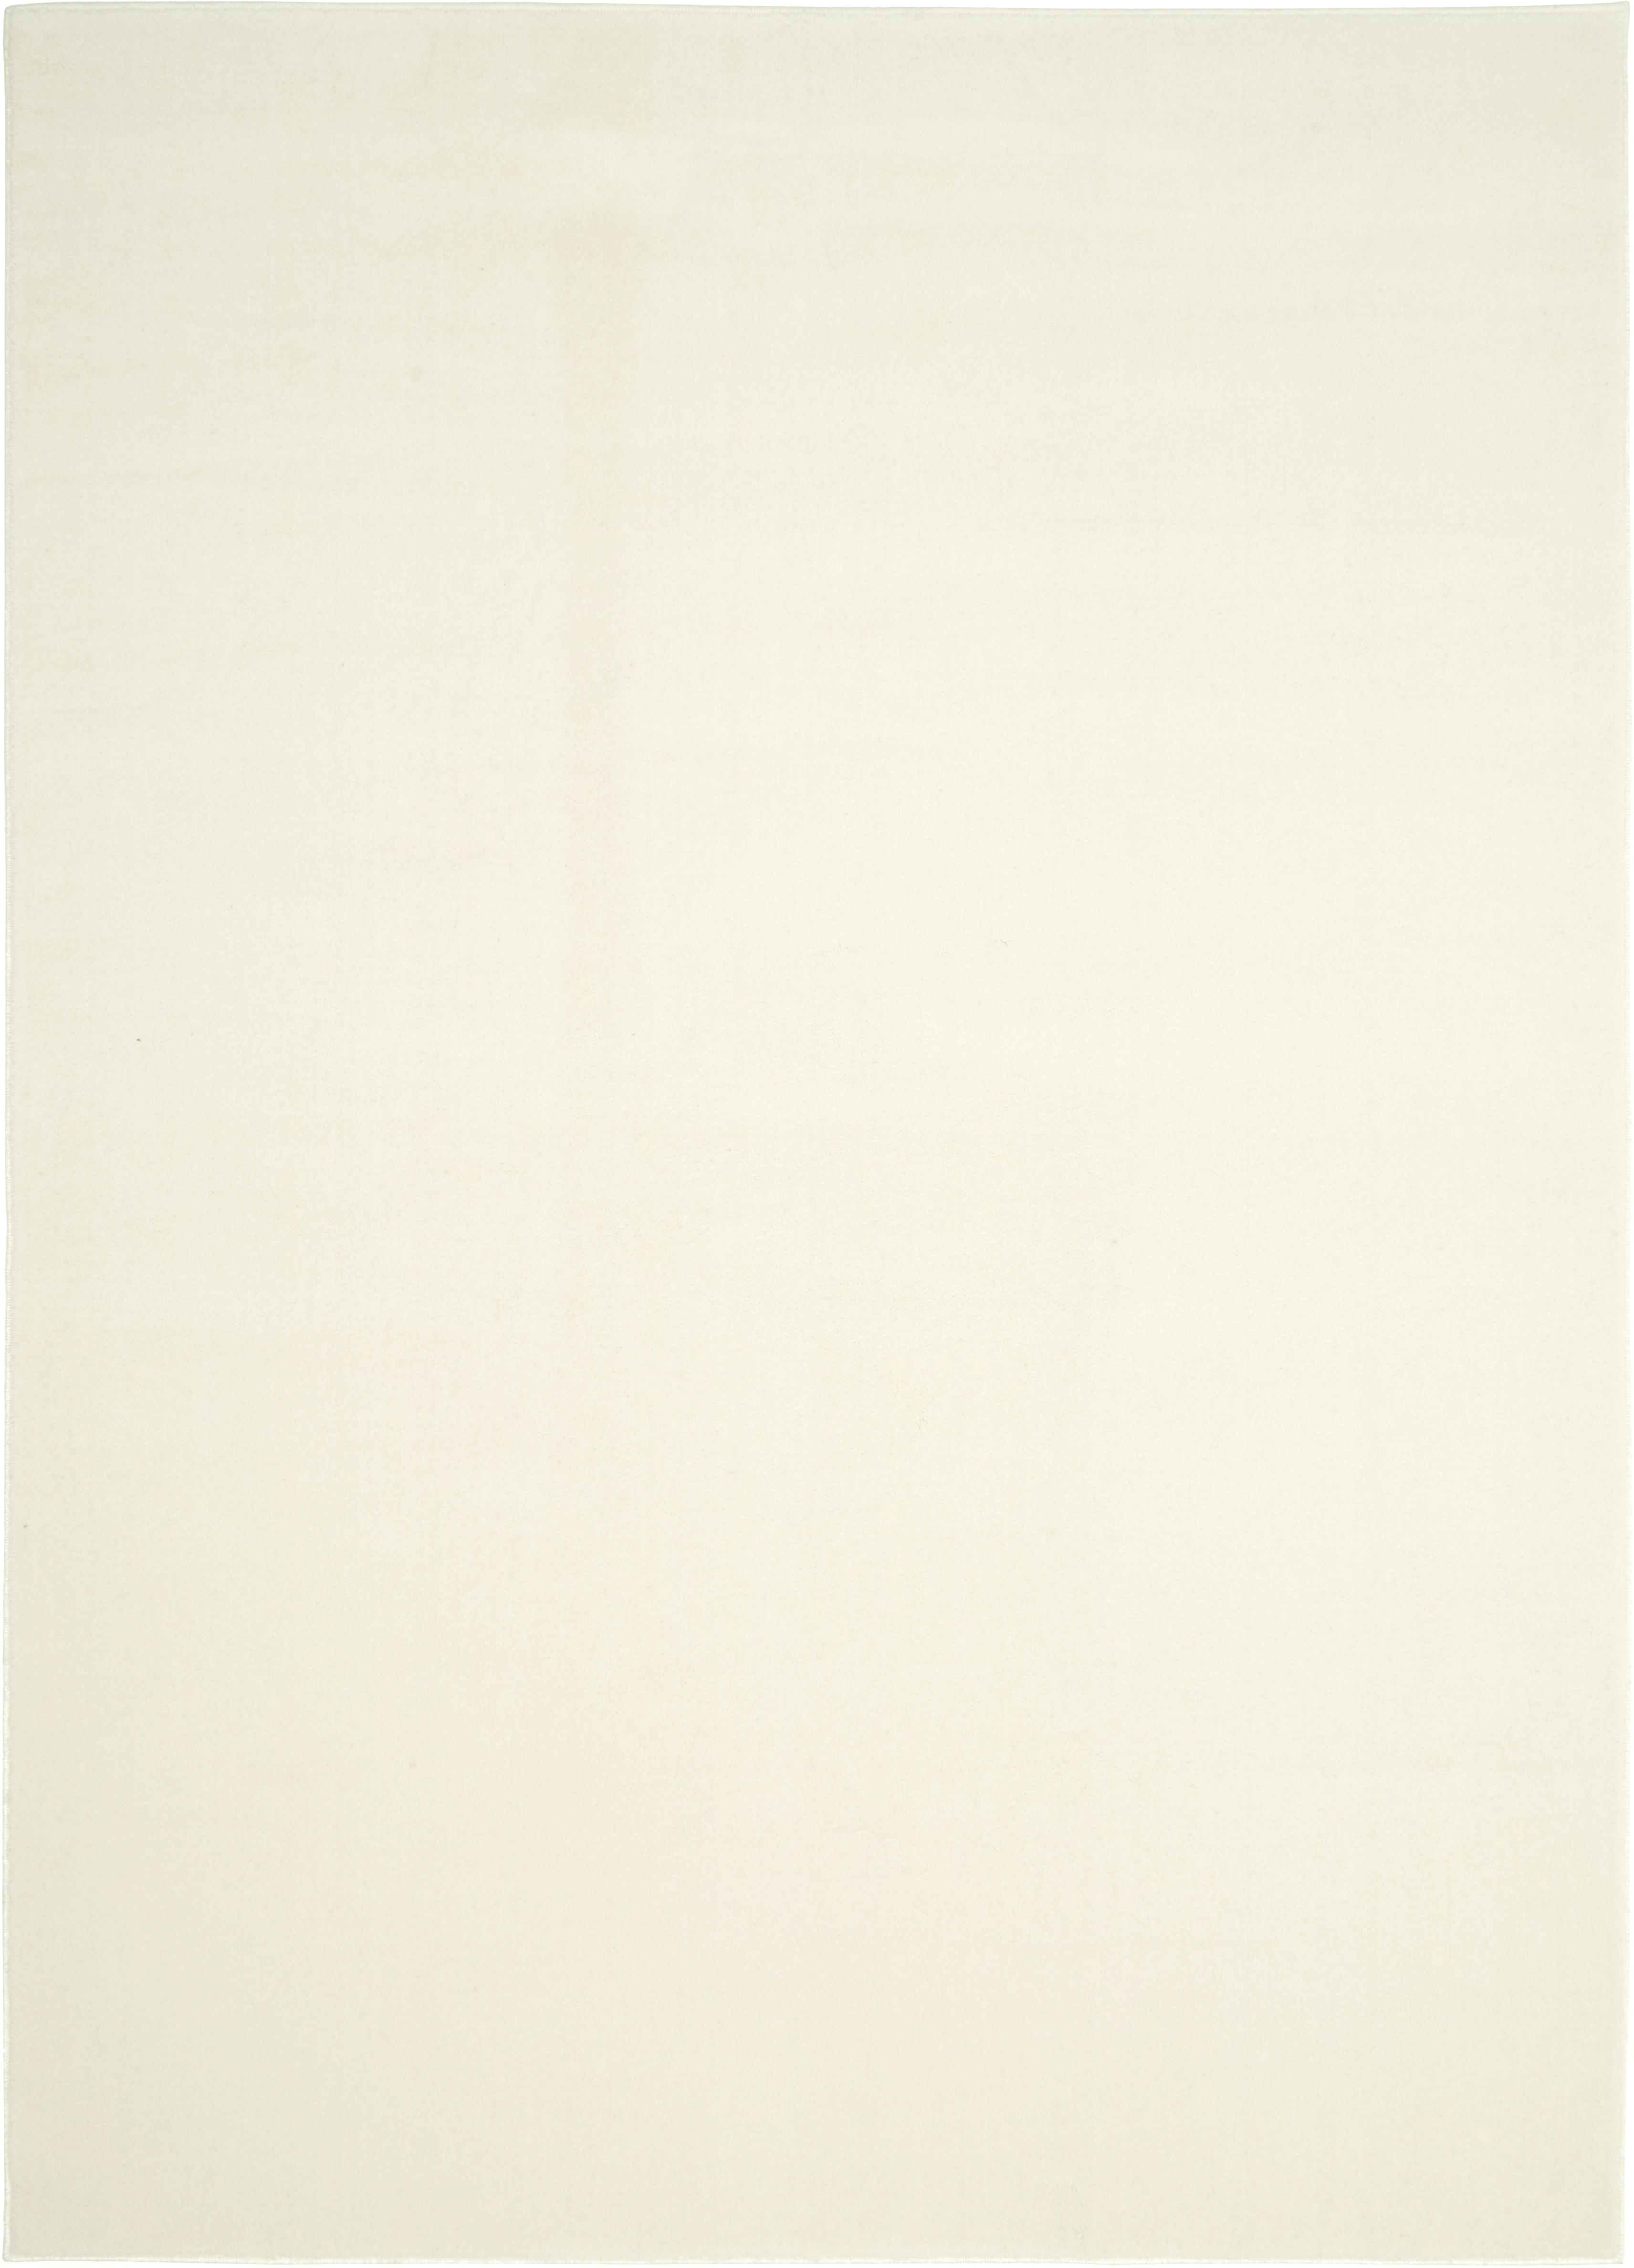 Wollteppich Ida in Beige, Flor: 100% Wolle, Beige, B 160 x L 230 cm (Größe M)